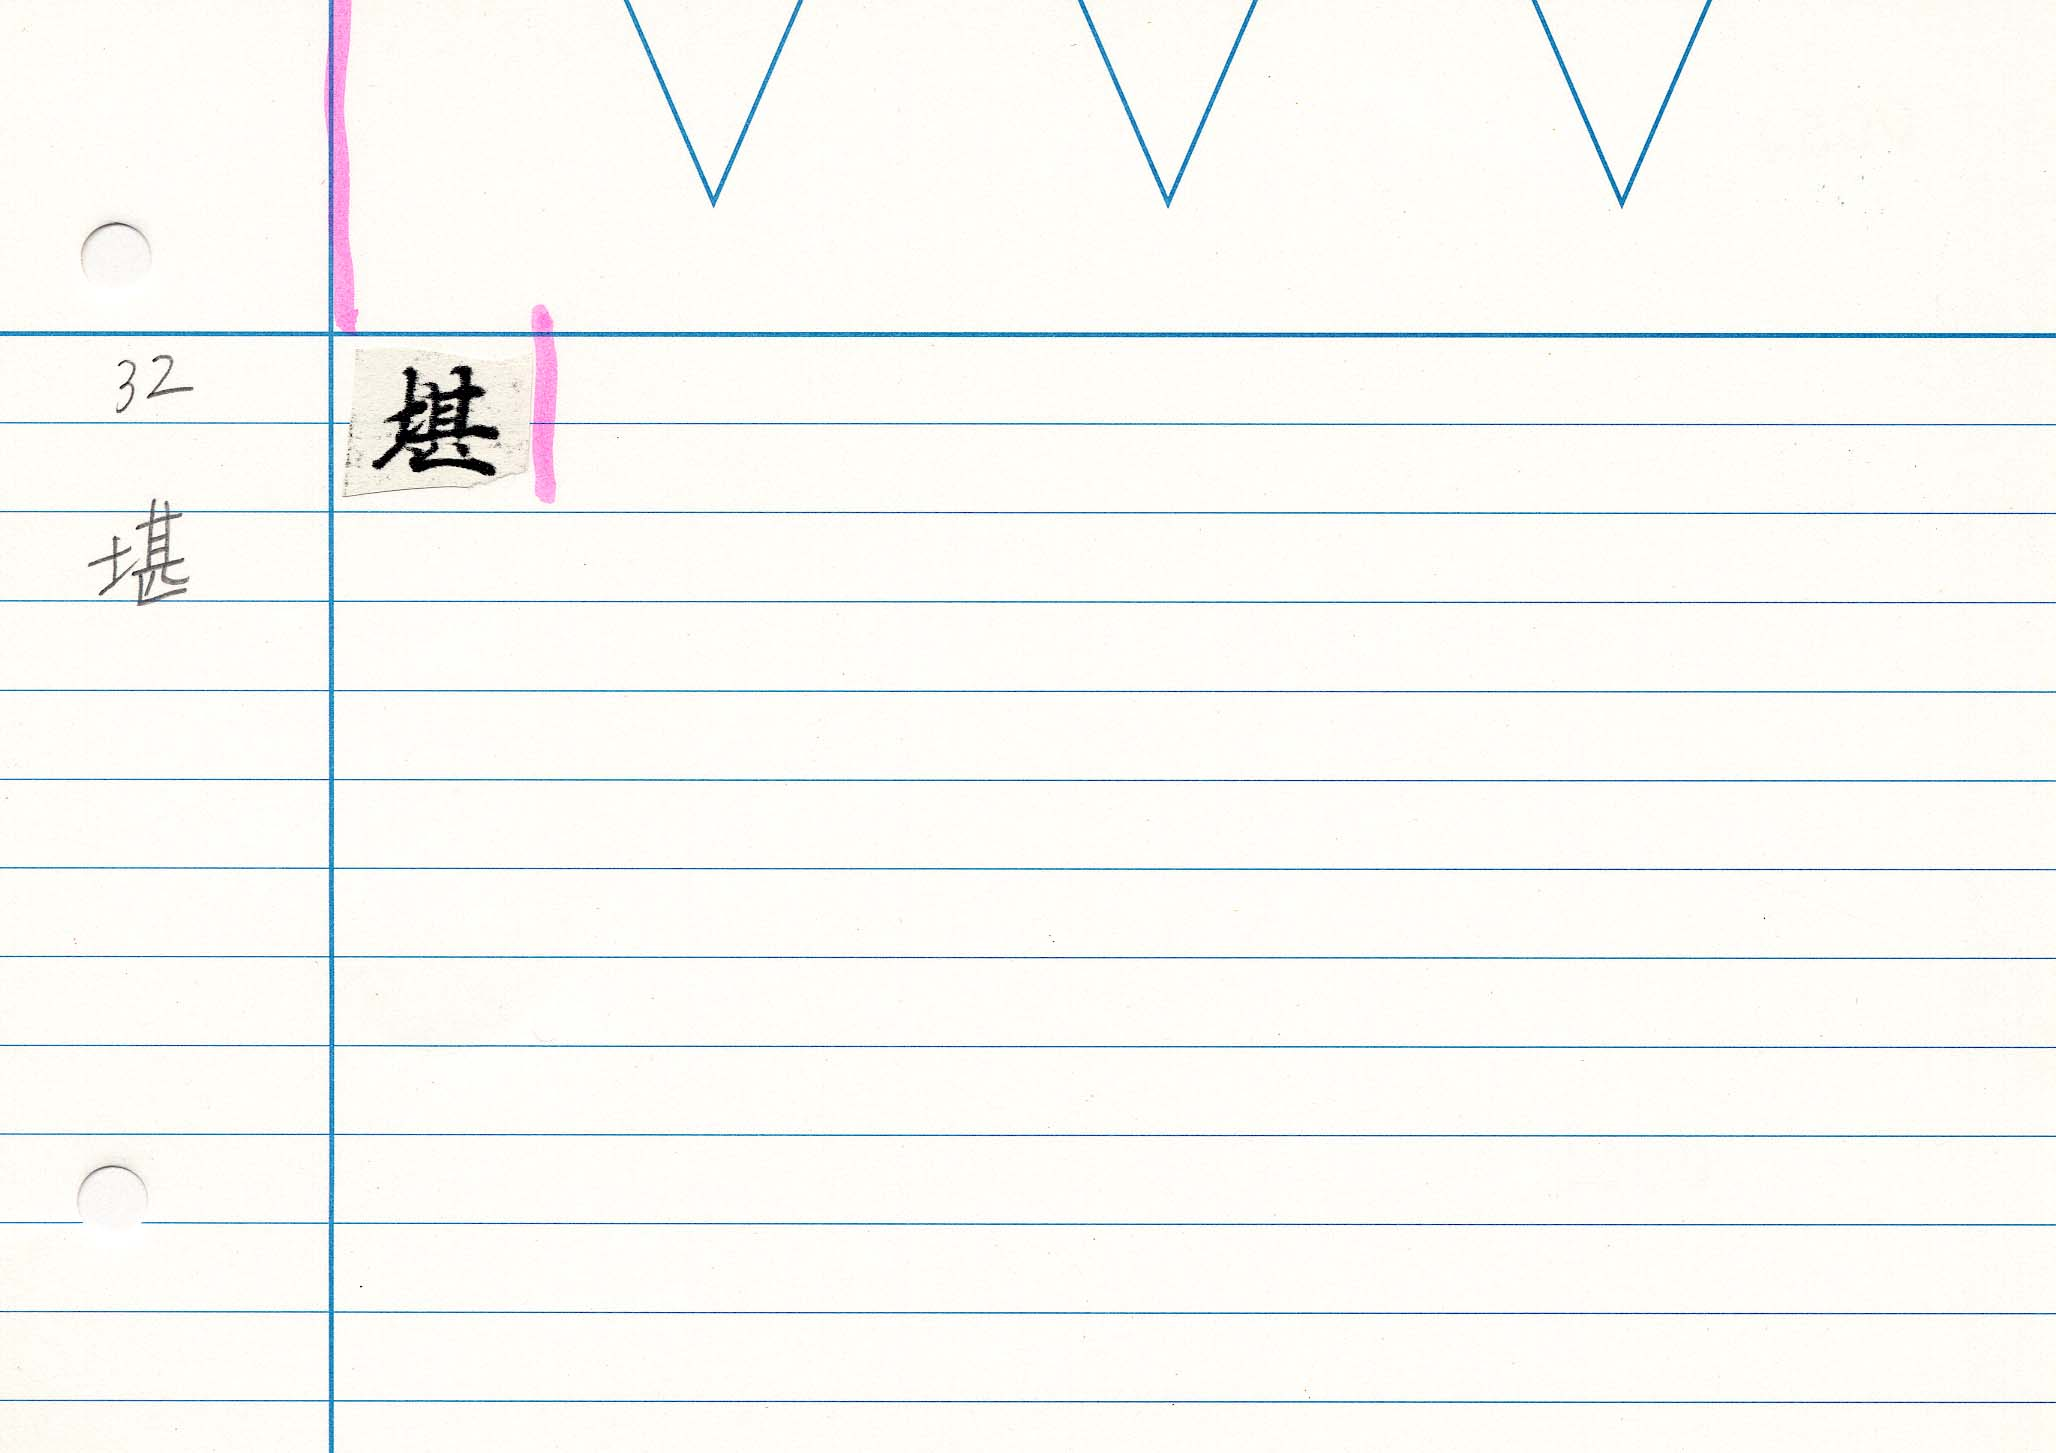 60_佛説大教王經卷一(東禪寺版日本寫本)/cards/0054.jpg